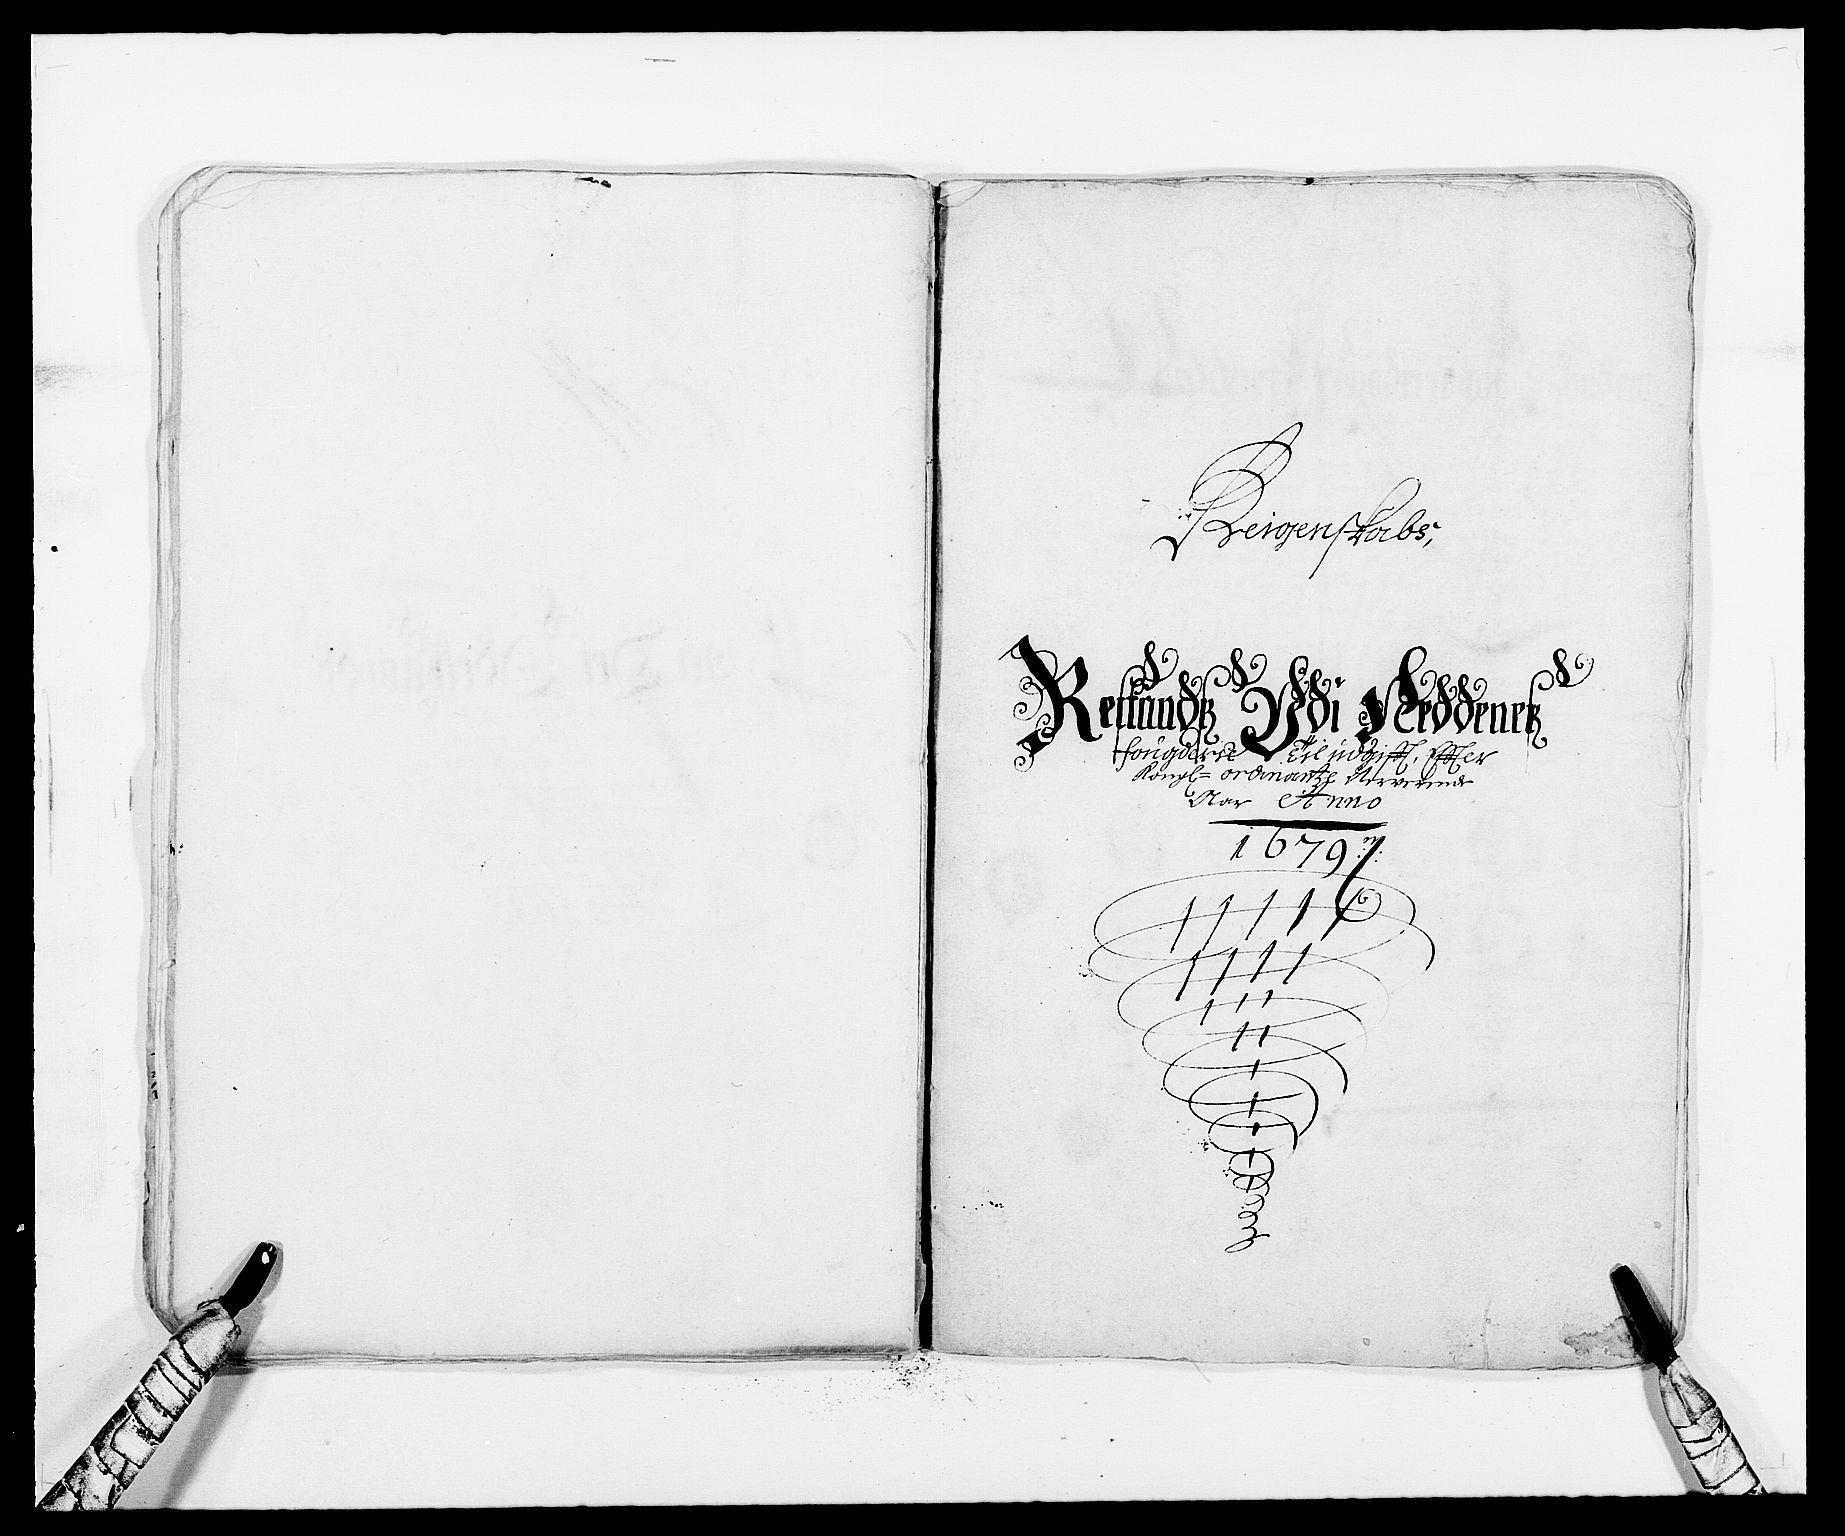 RA, Rentekammeret inntil 1814, Reviderte regnskaper, Fogderegnskap, R39/L2303: Fogderegnskap Nedenes, 1679, s. 137